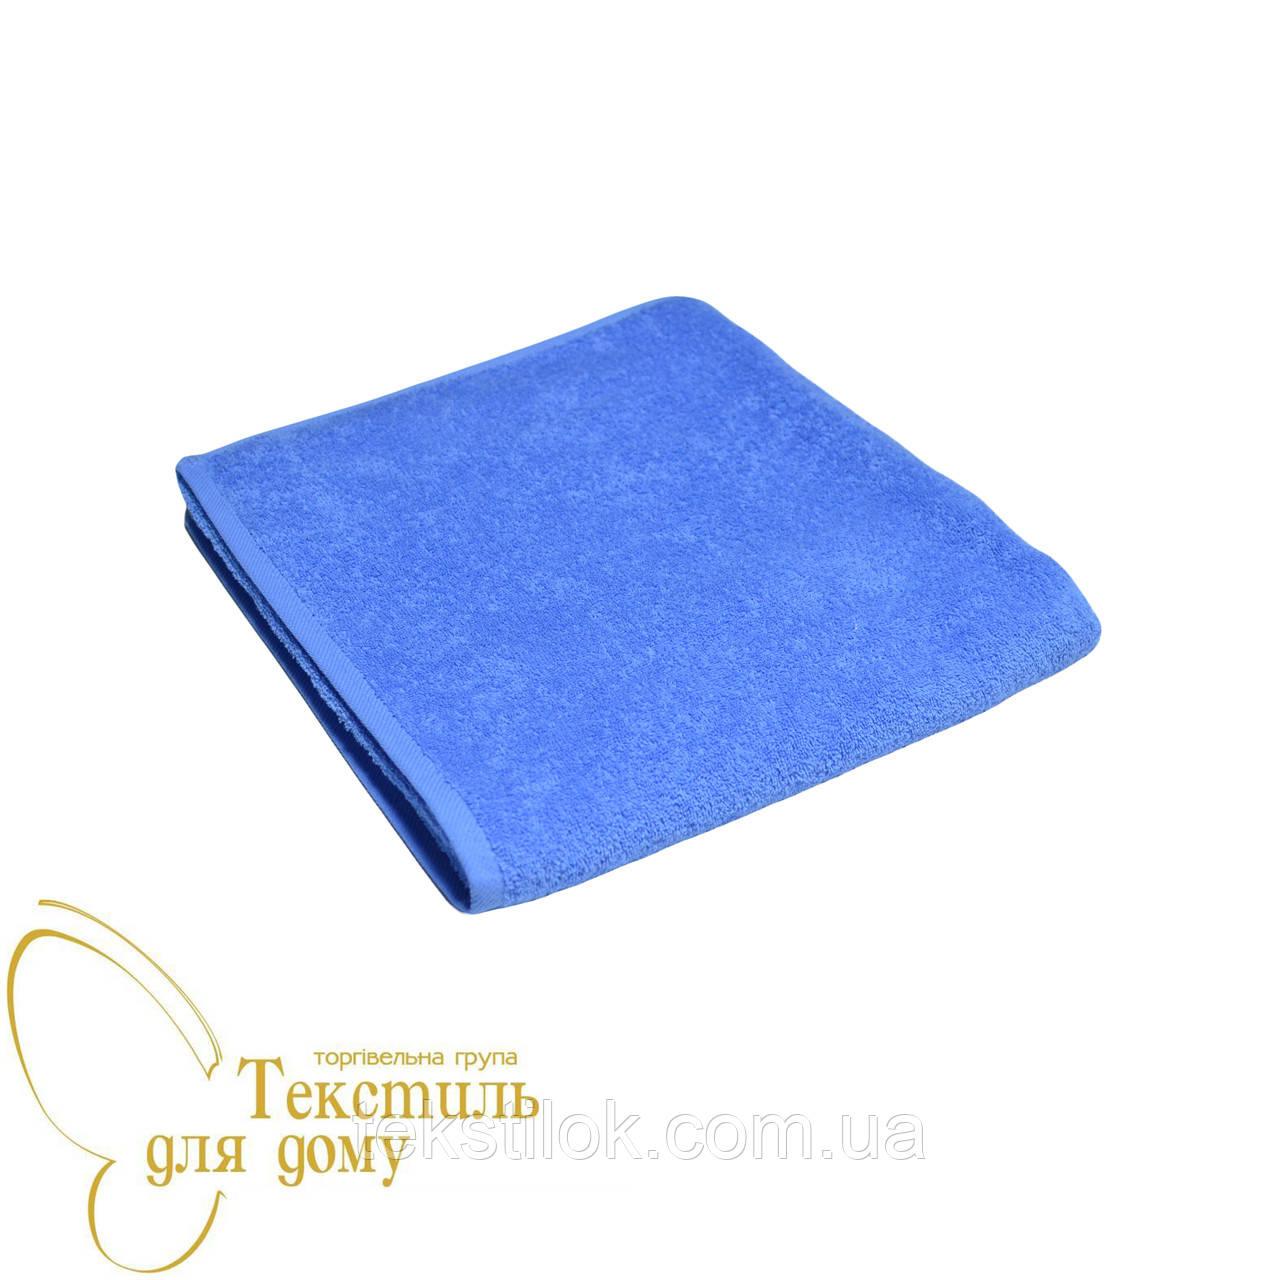 Полотенце банное 70*140, 420 гр/м2,16/1, голубое